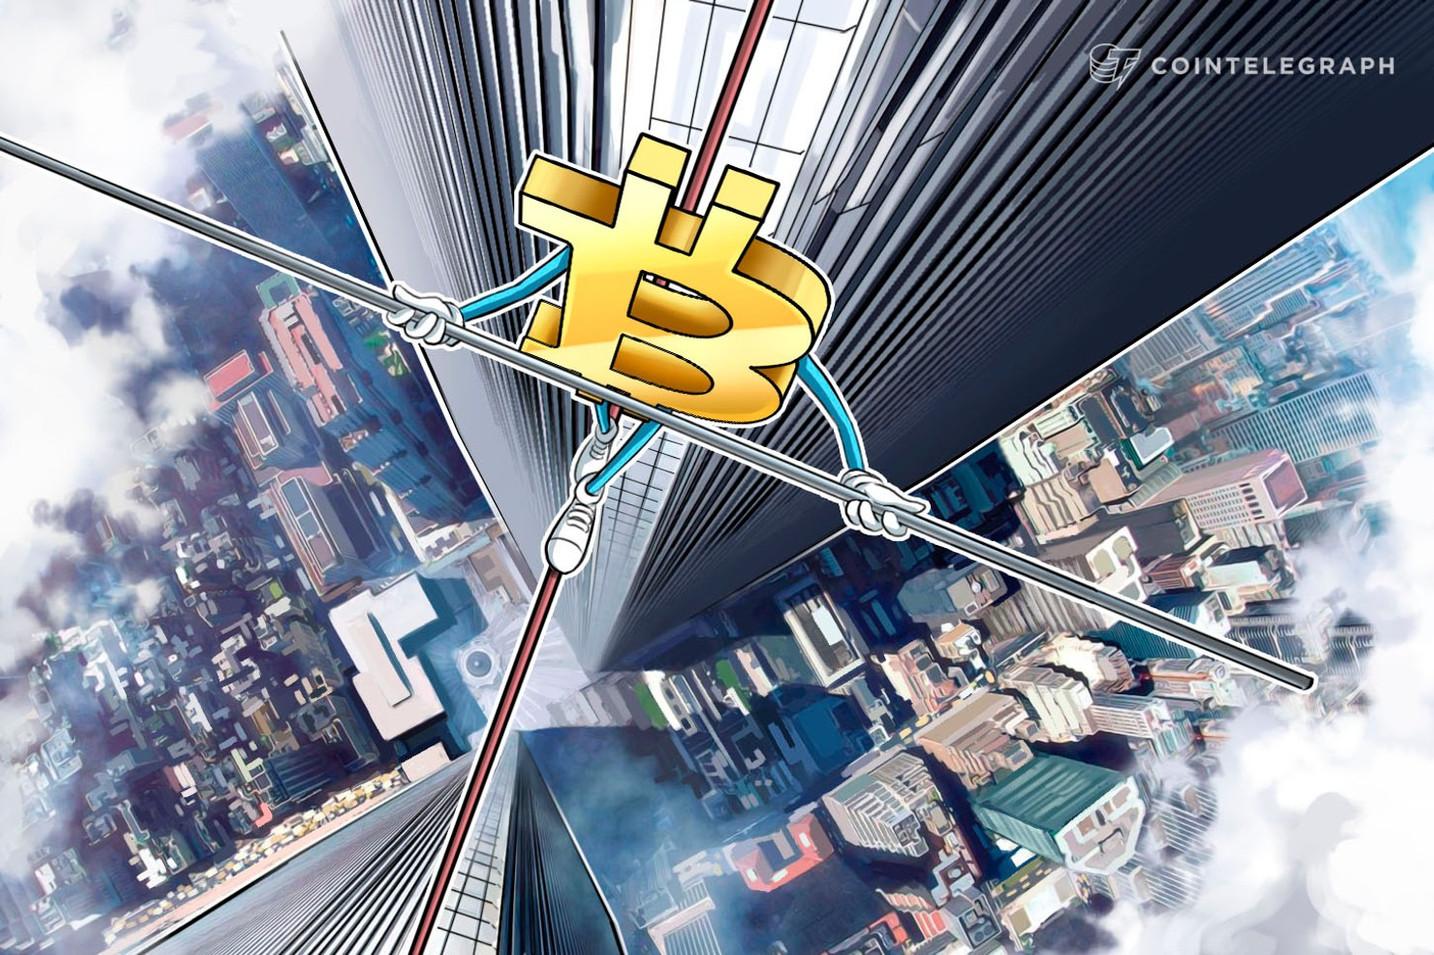 仮想通貨ビットコインは「爆発」寸前?上昇か下落か、ストキャスティクスからみる次の動きは